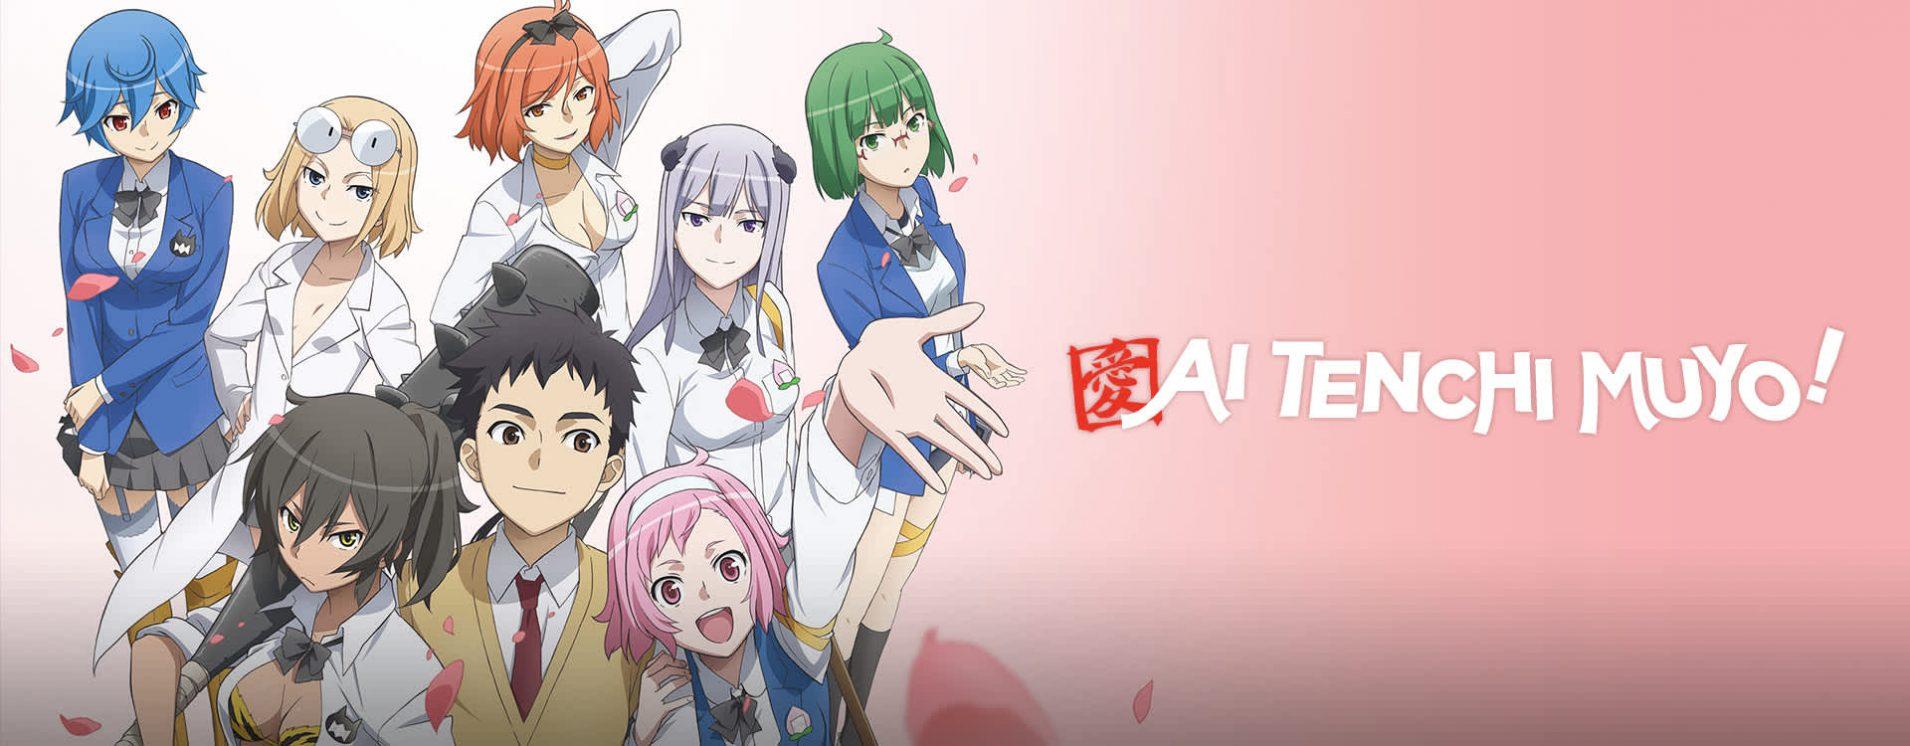 Ai Tenchi Muyou 720p